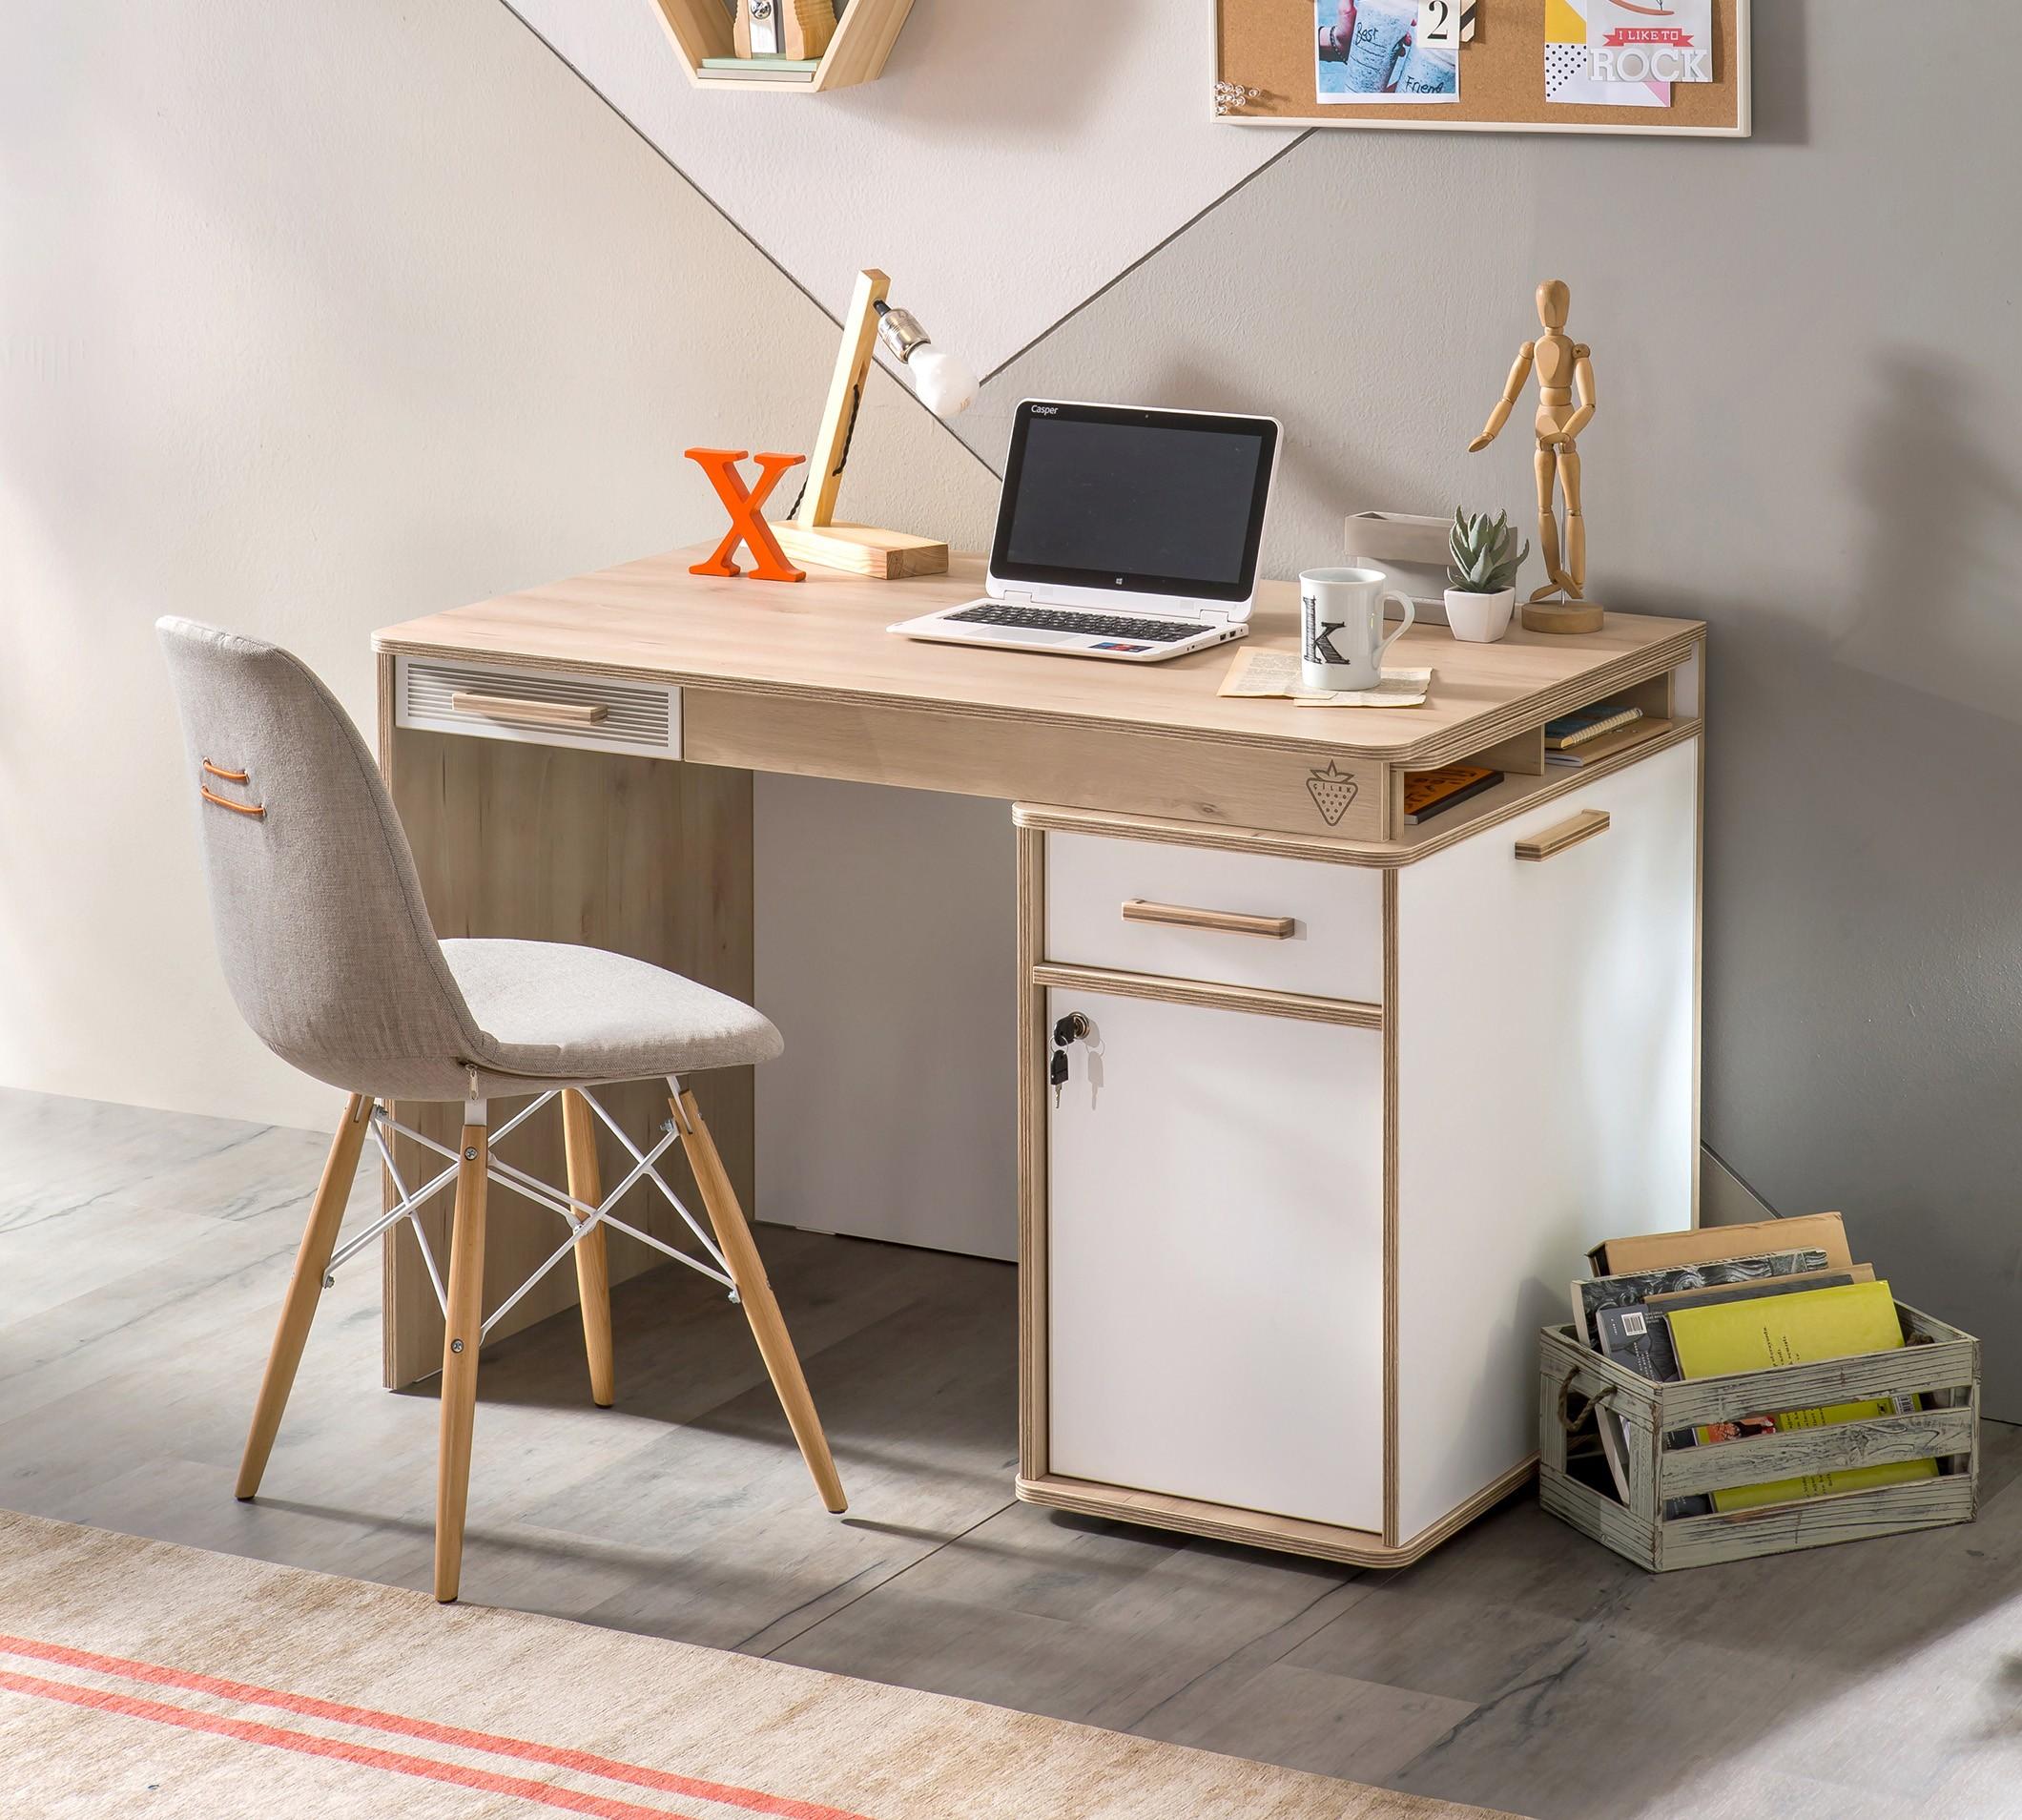 Home Ofis Mobilyalarla Odanızı Zenginleştirin (2)